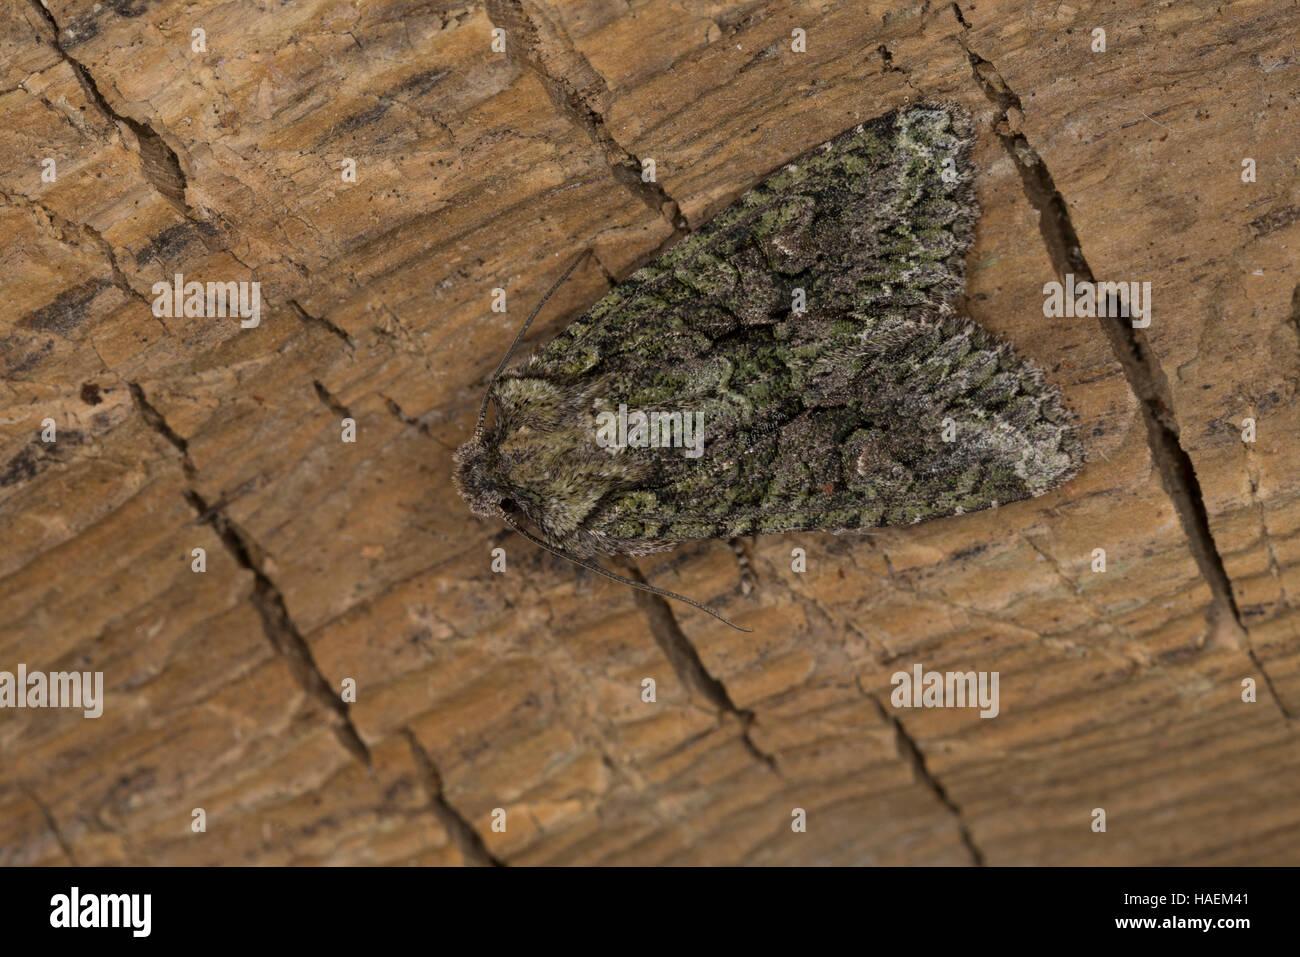 Olivgrüne Eicheneule, Olivgrüne Hain-Eicheneule, Braungraue Eicheneule, Dryobotodes eremita, Brindled - Stock Image